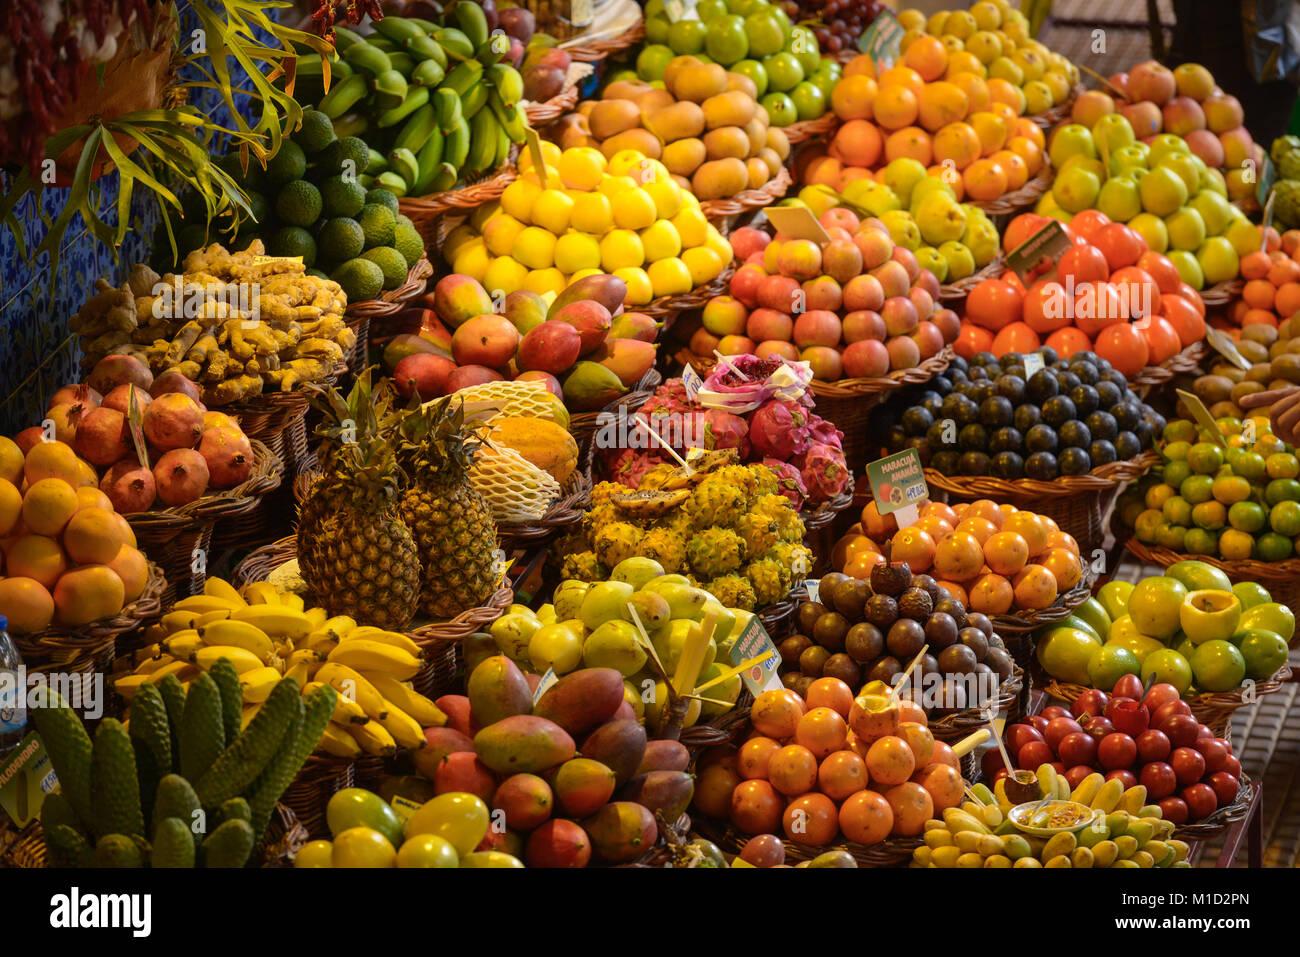 'Mercado dos Lavra Dores fruits, Market Hall', Funchal, Madeira, Portugal, Fruechte, Markthalle ´Mercado - Stock Image